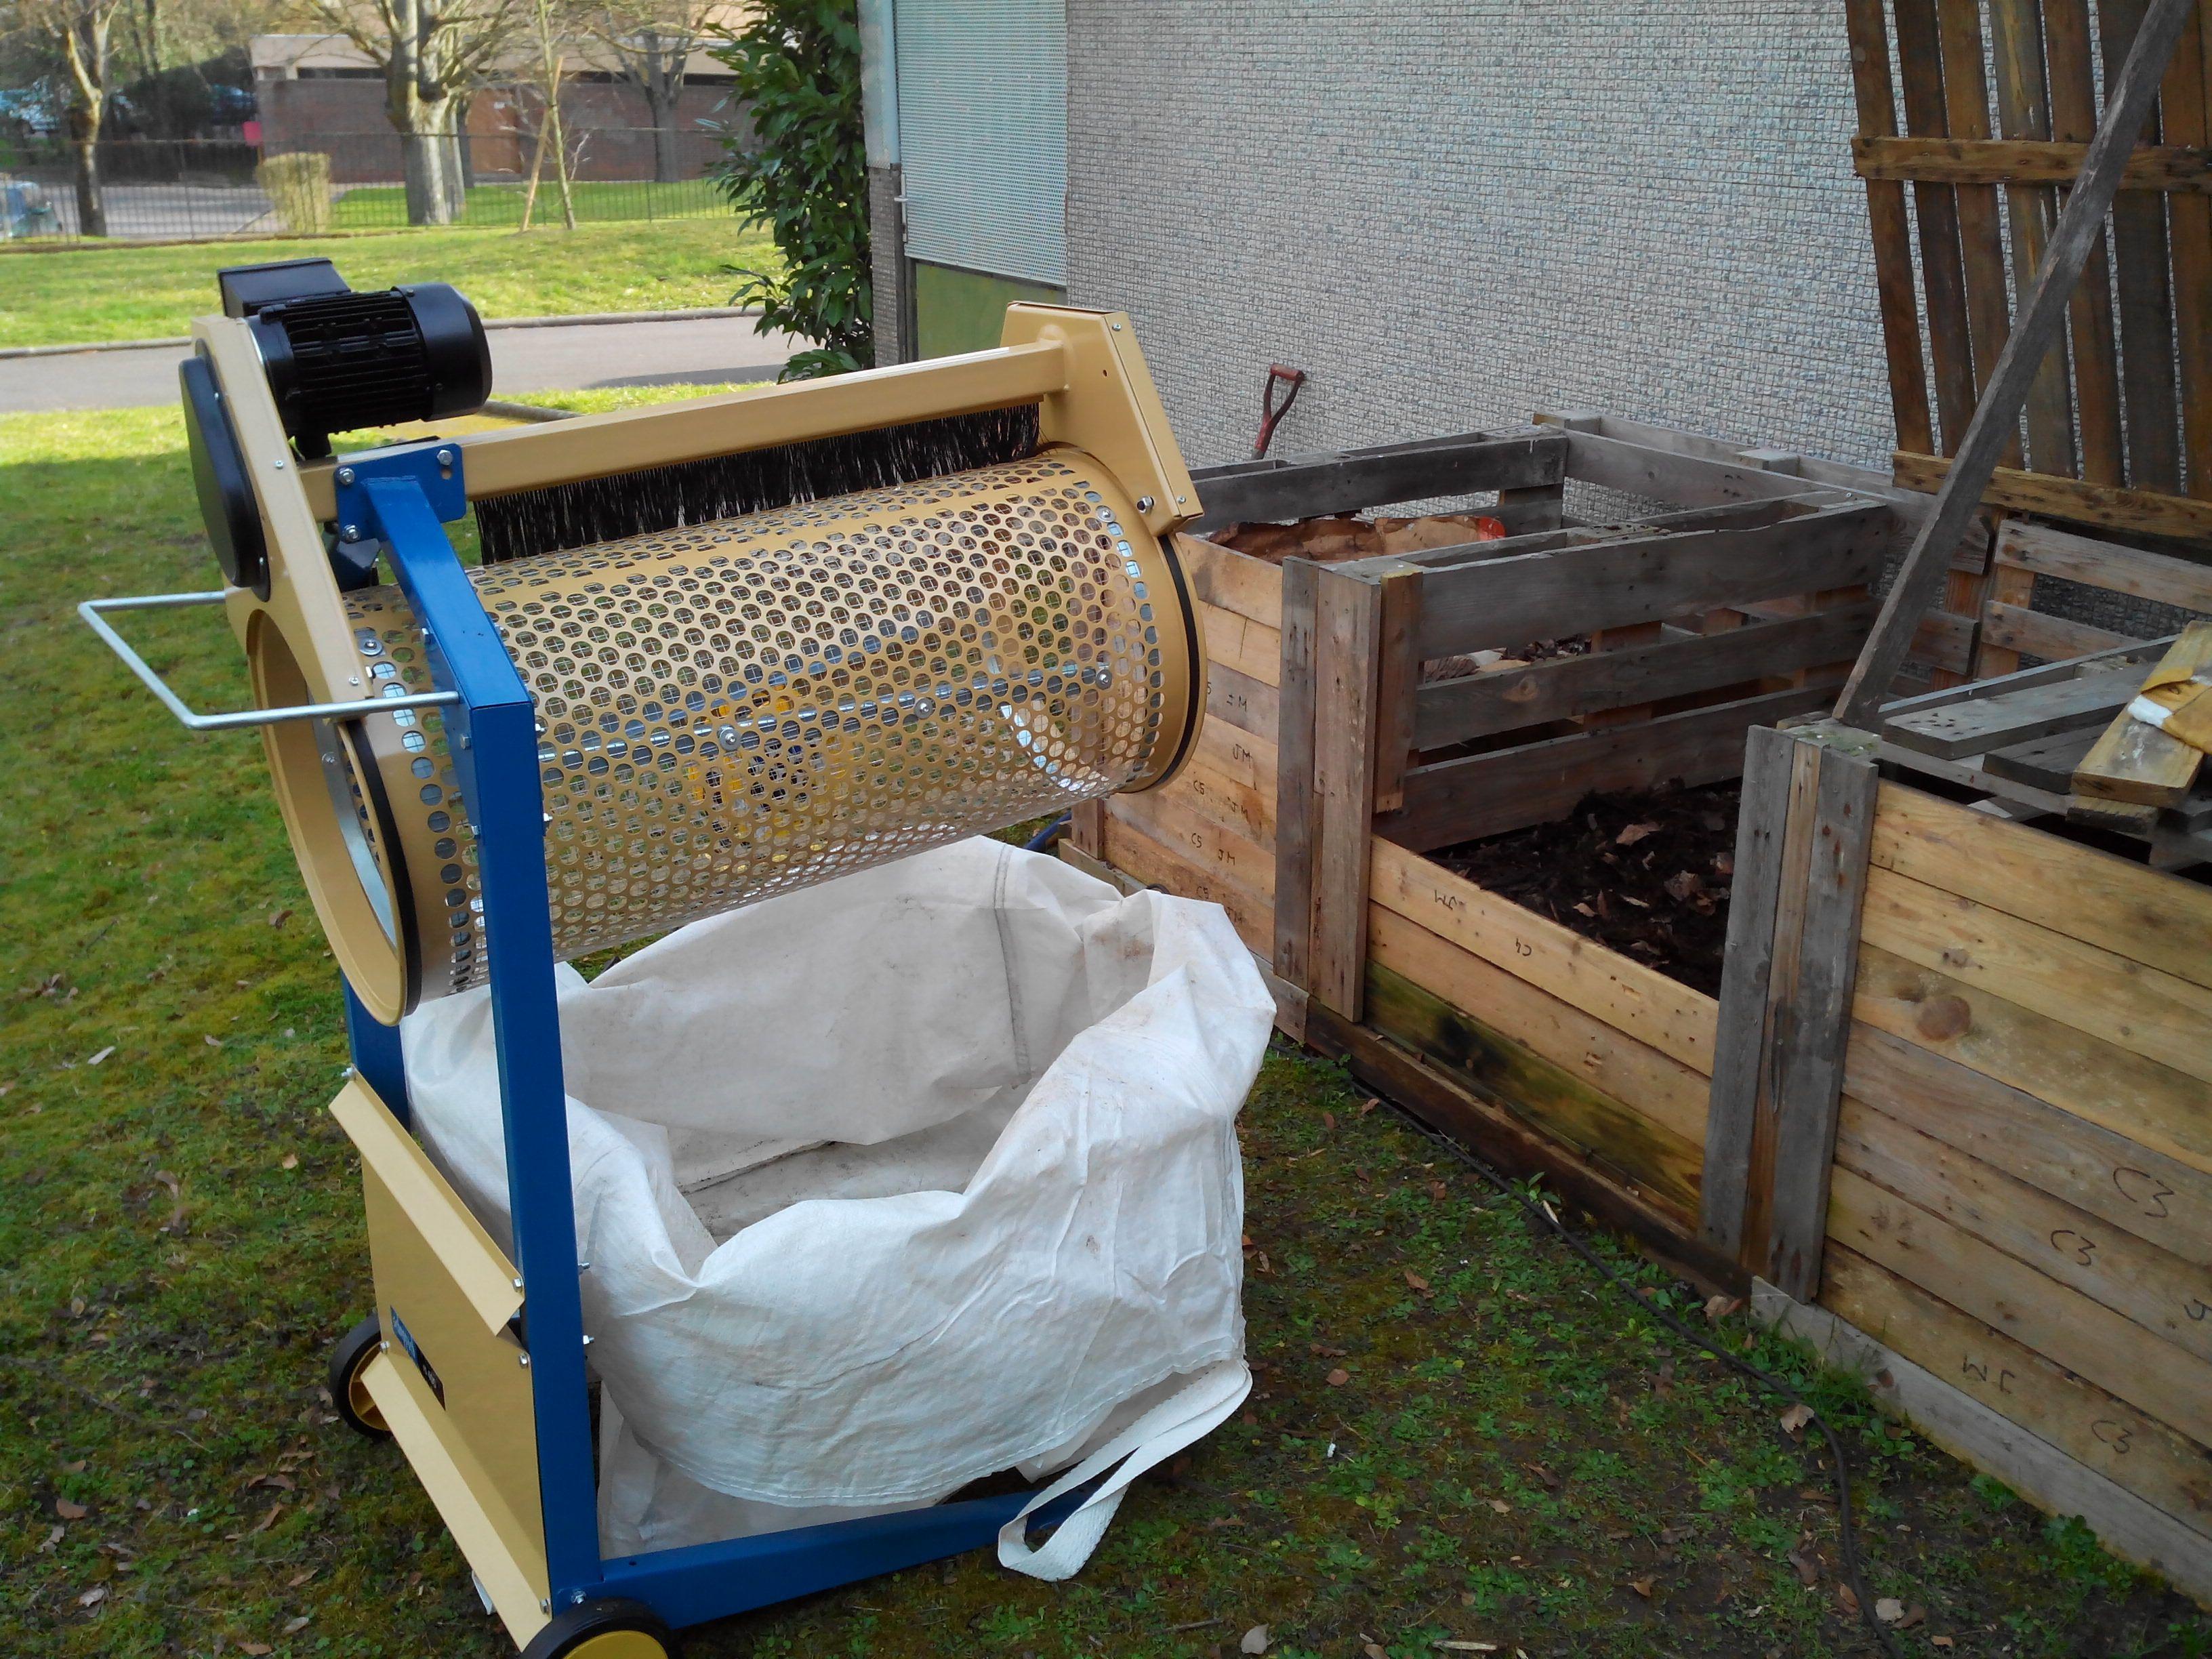 tamiseur rotatif compost solutions pinterest. Black Bedroom Furniture Sets. Home Design Ideas